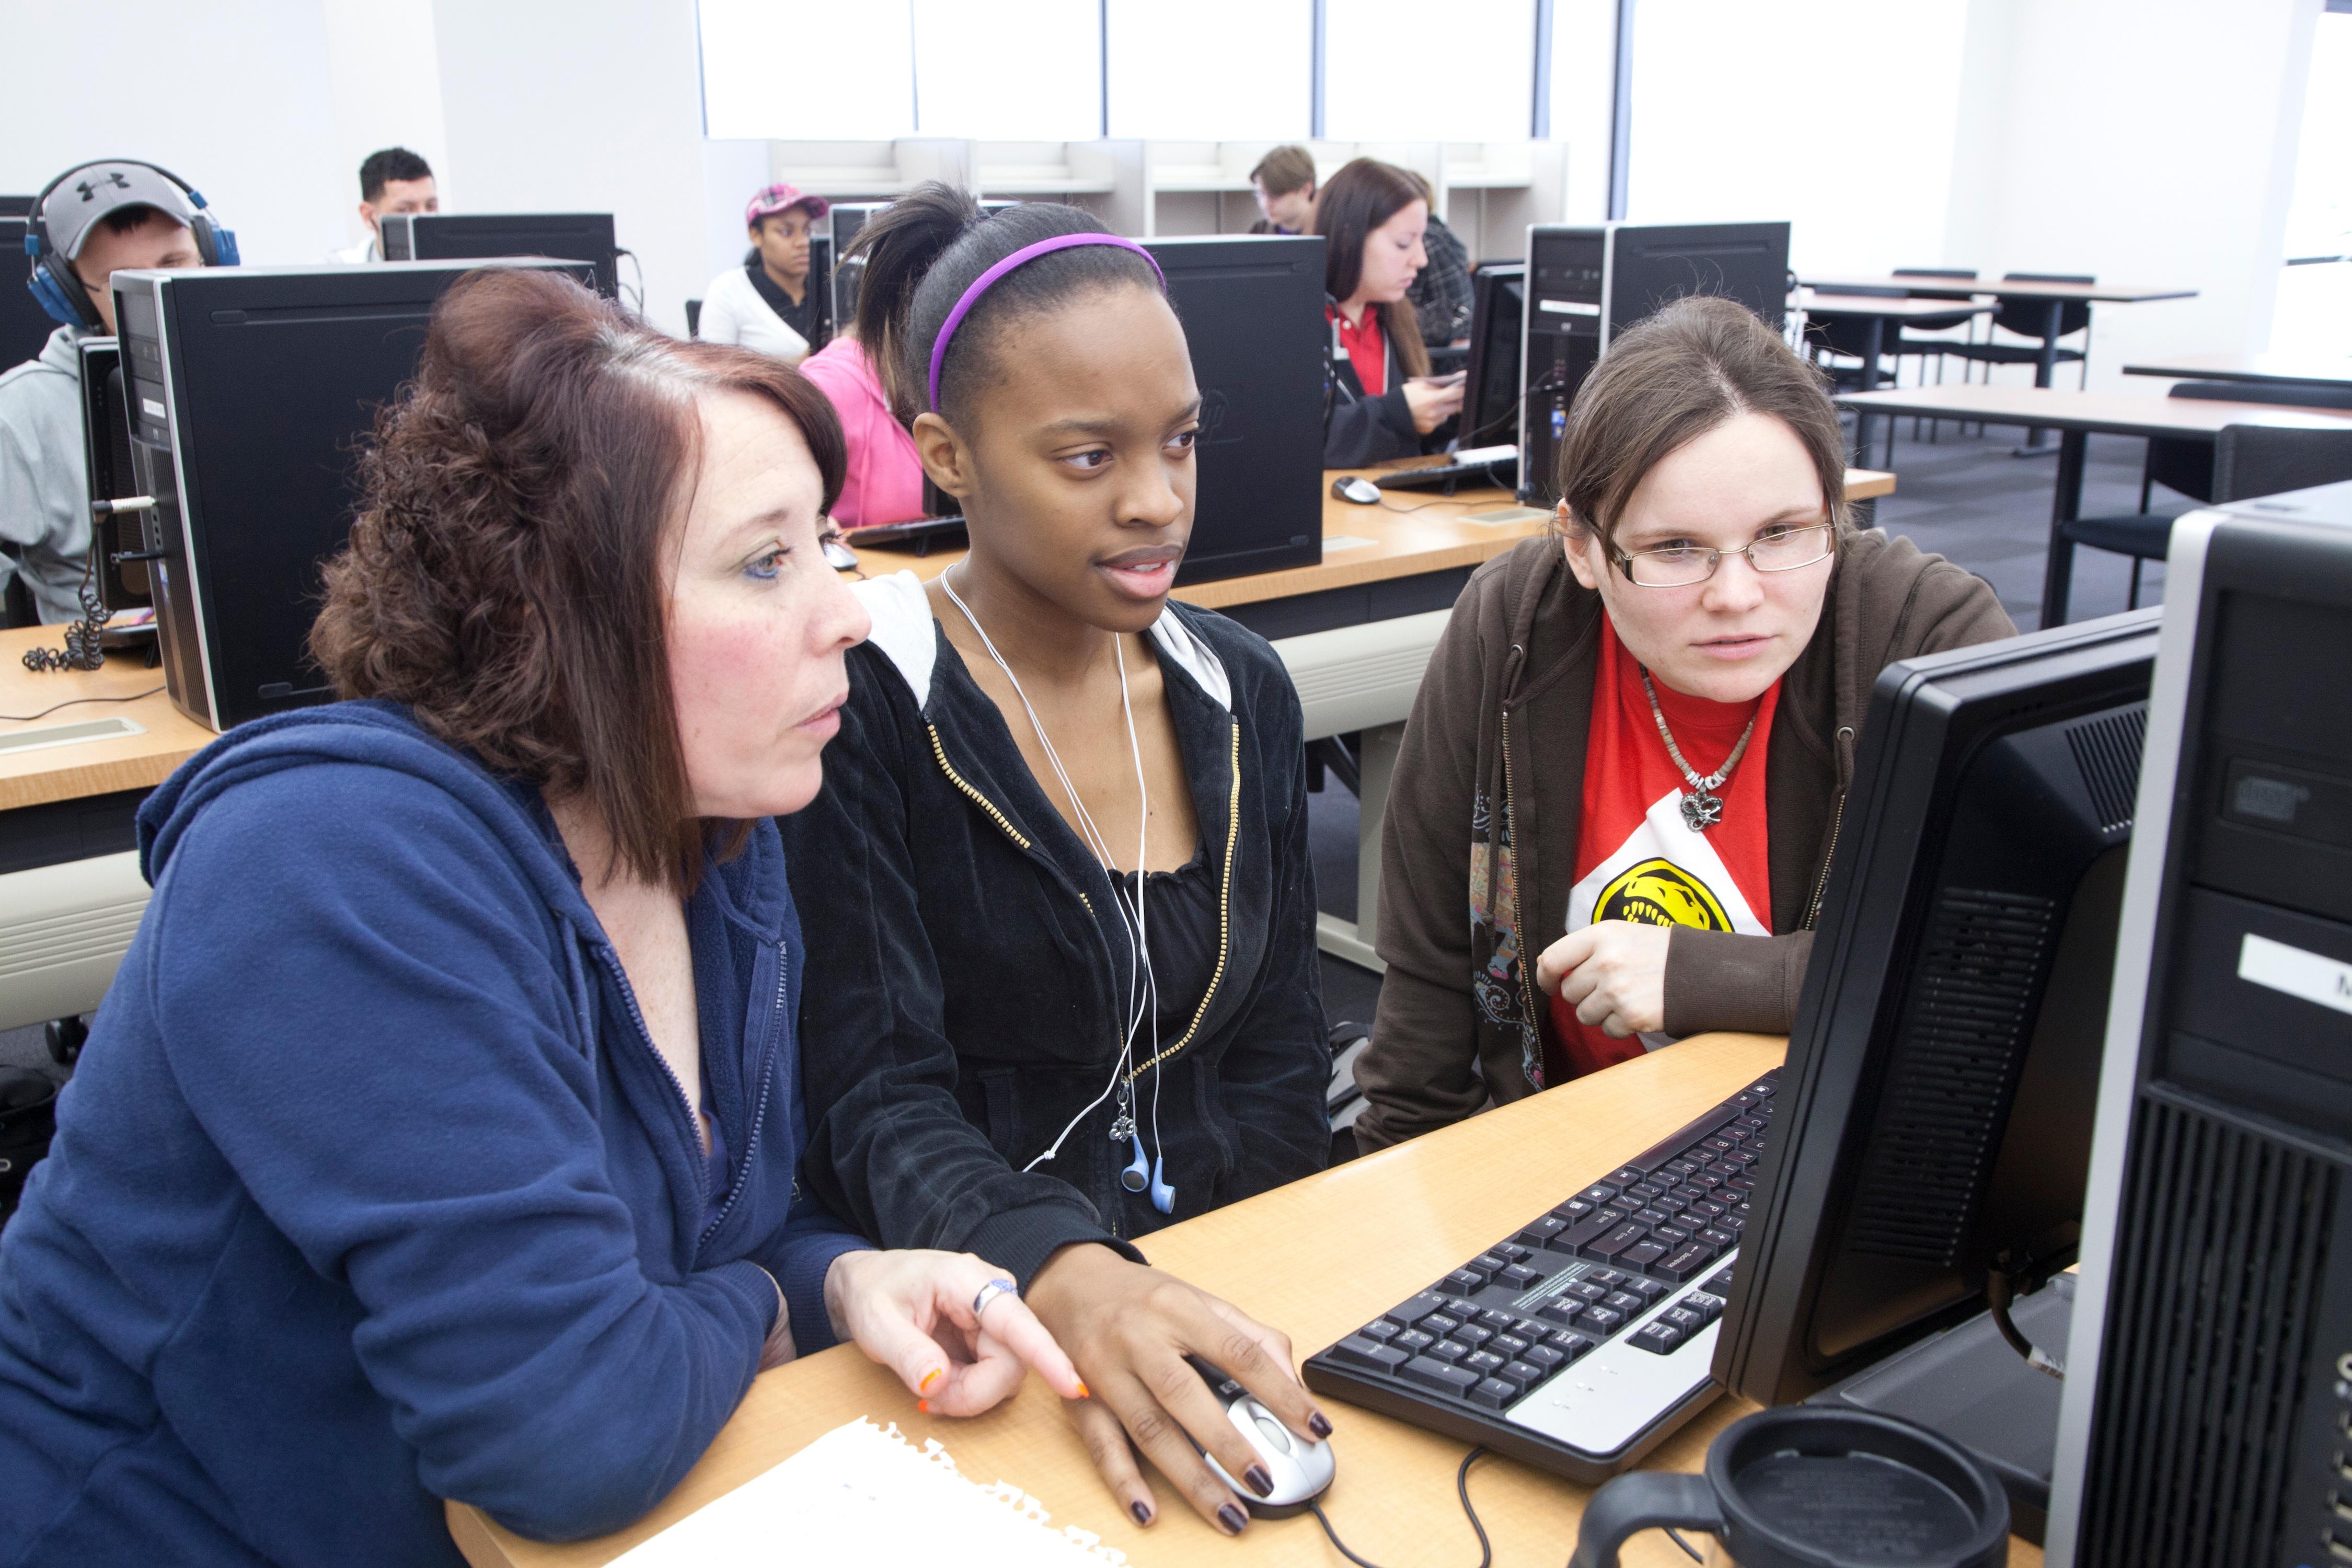 jjc for-profit not-for-profit schools blog online classes